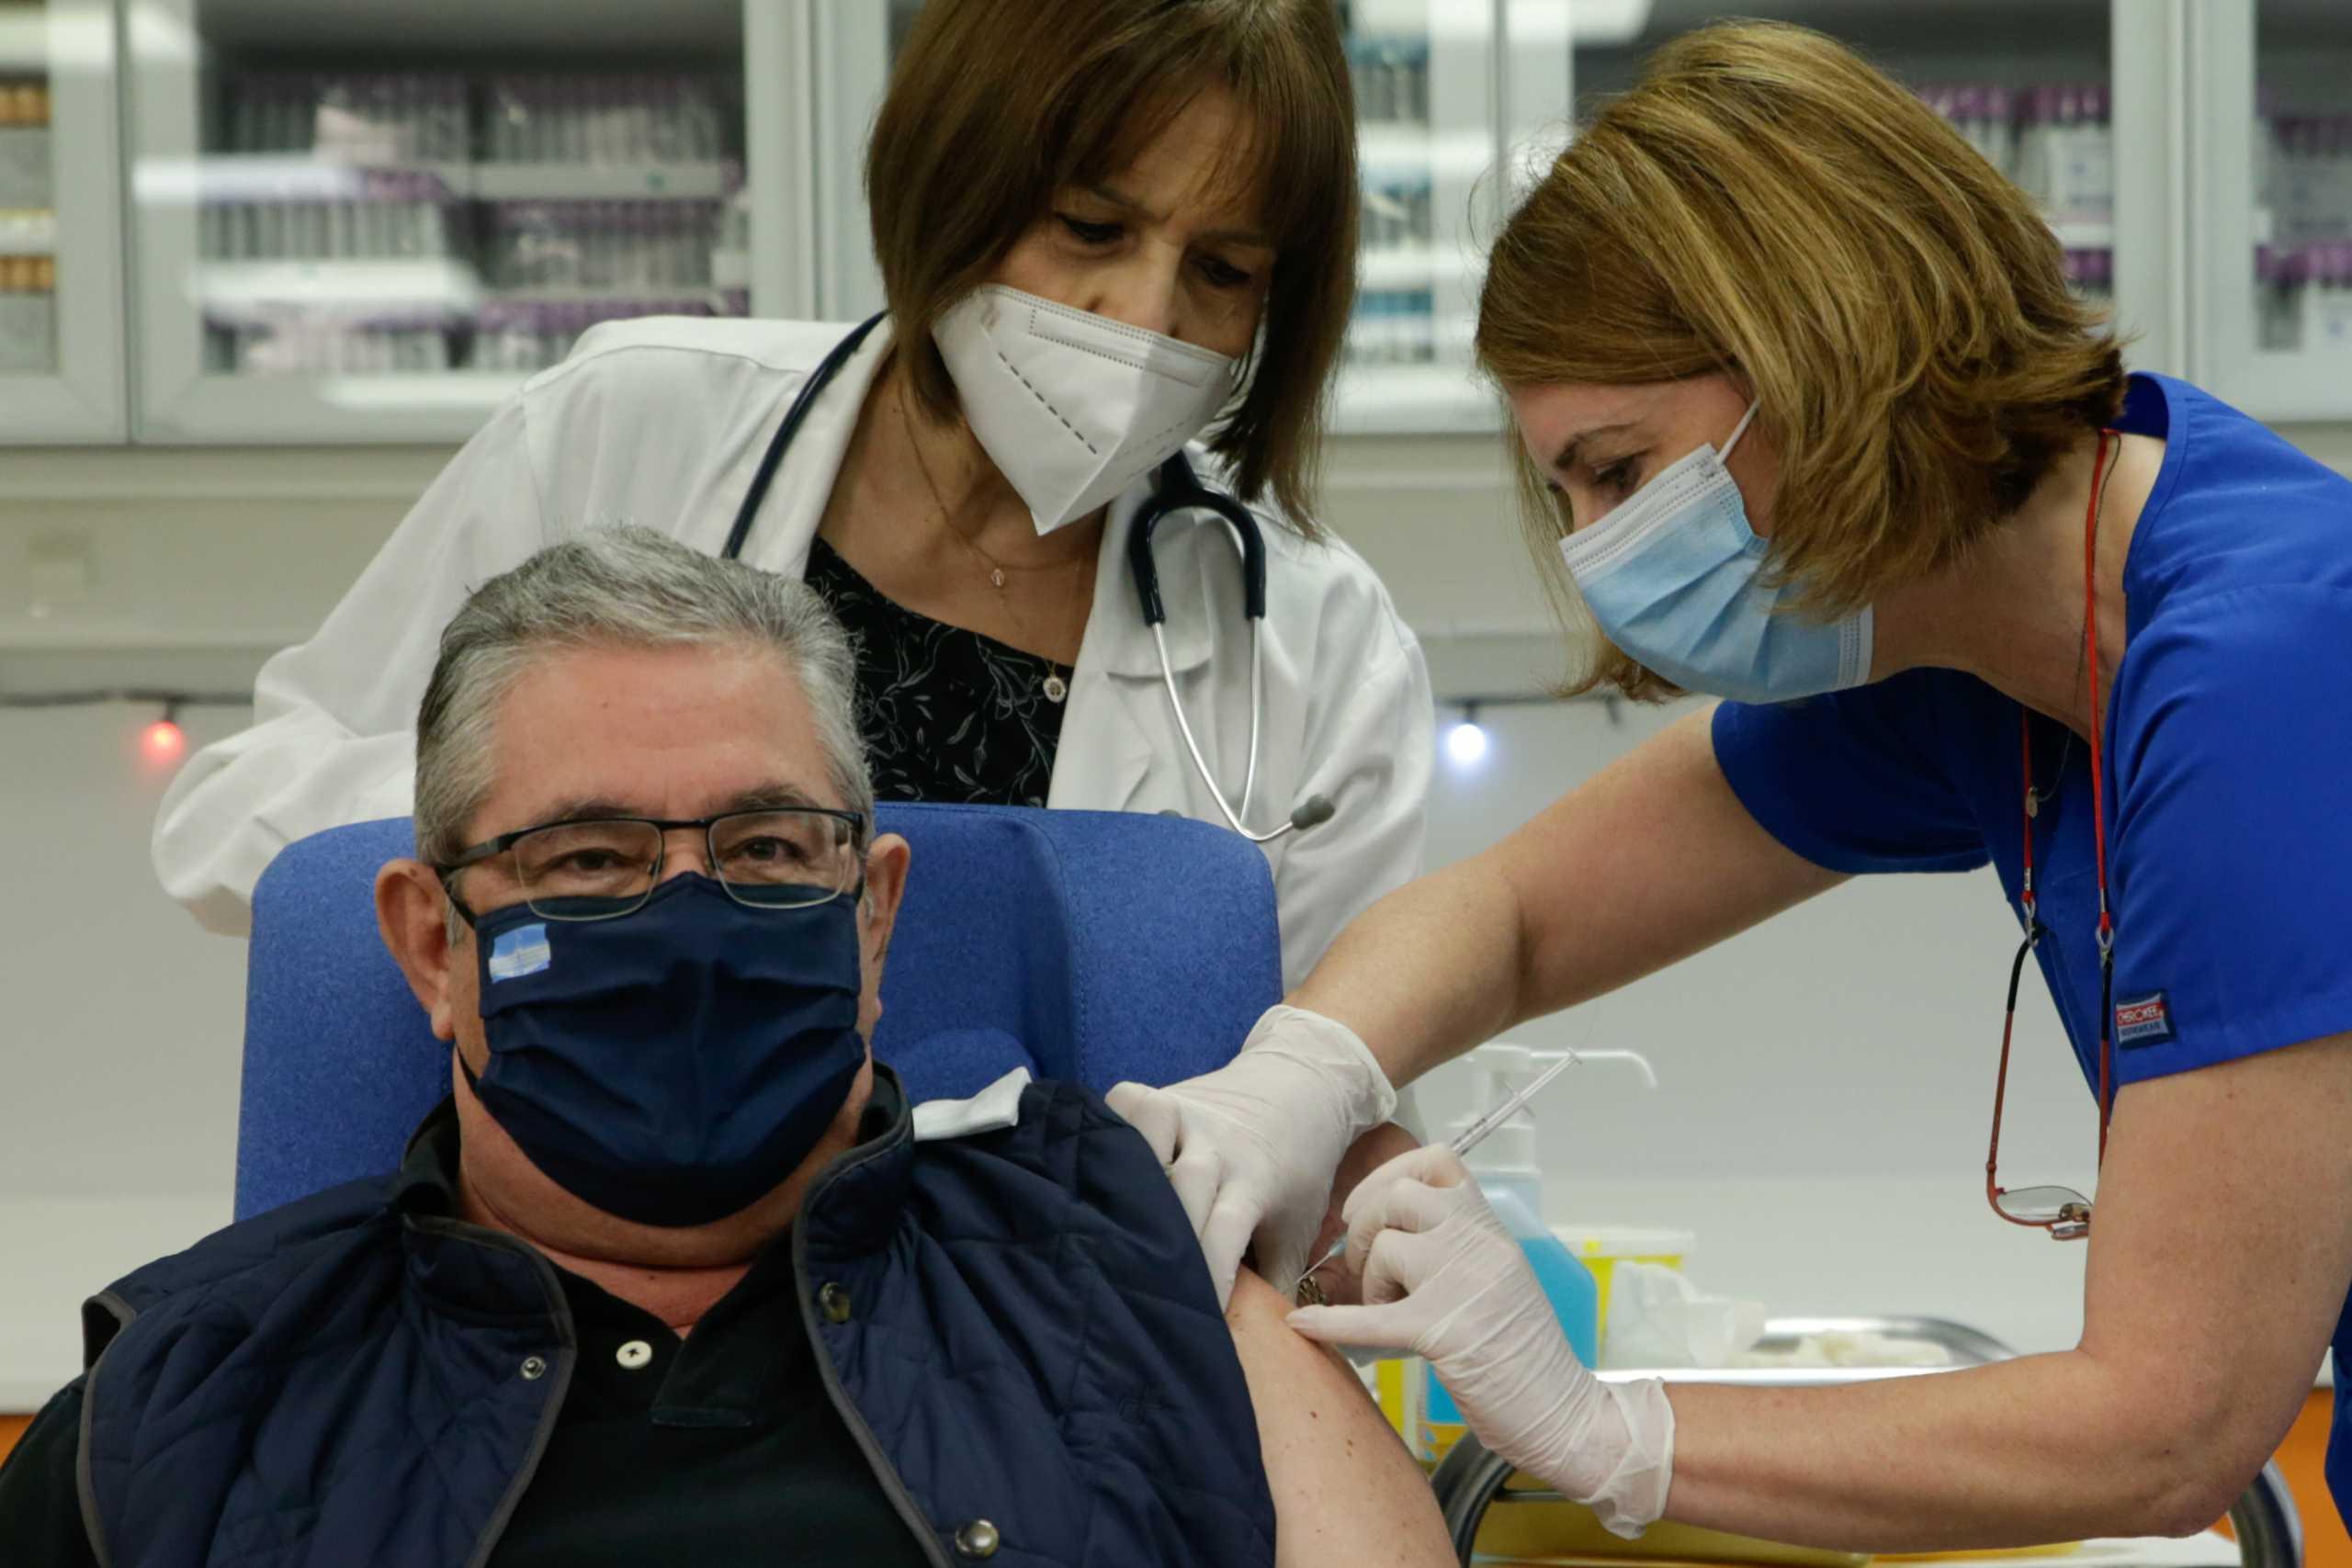 Εμβολιάστηκε ο Δ. Κουτσούμπας: «Αναγκαίος ο μαζικός εμβολιασμός»